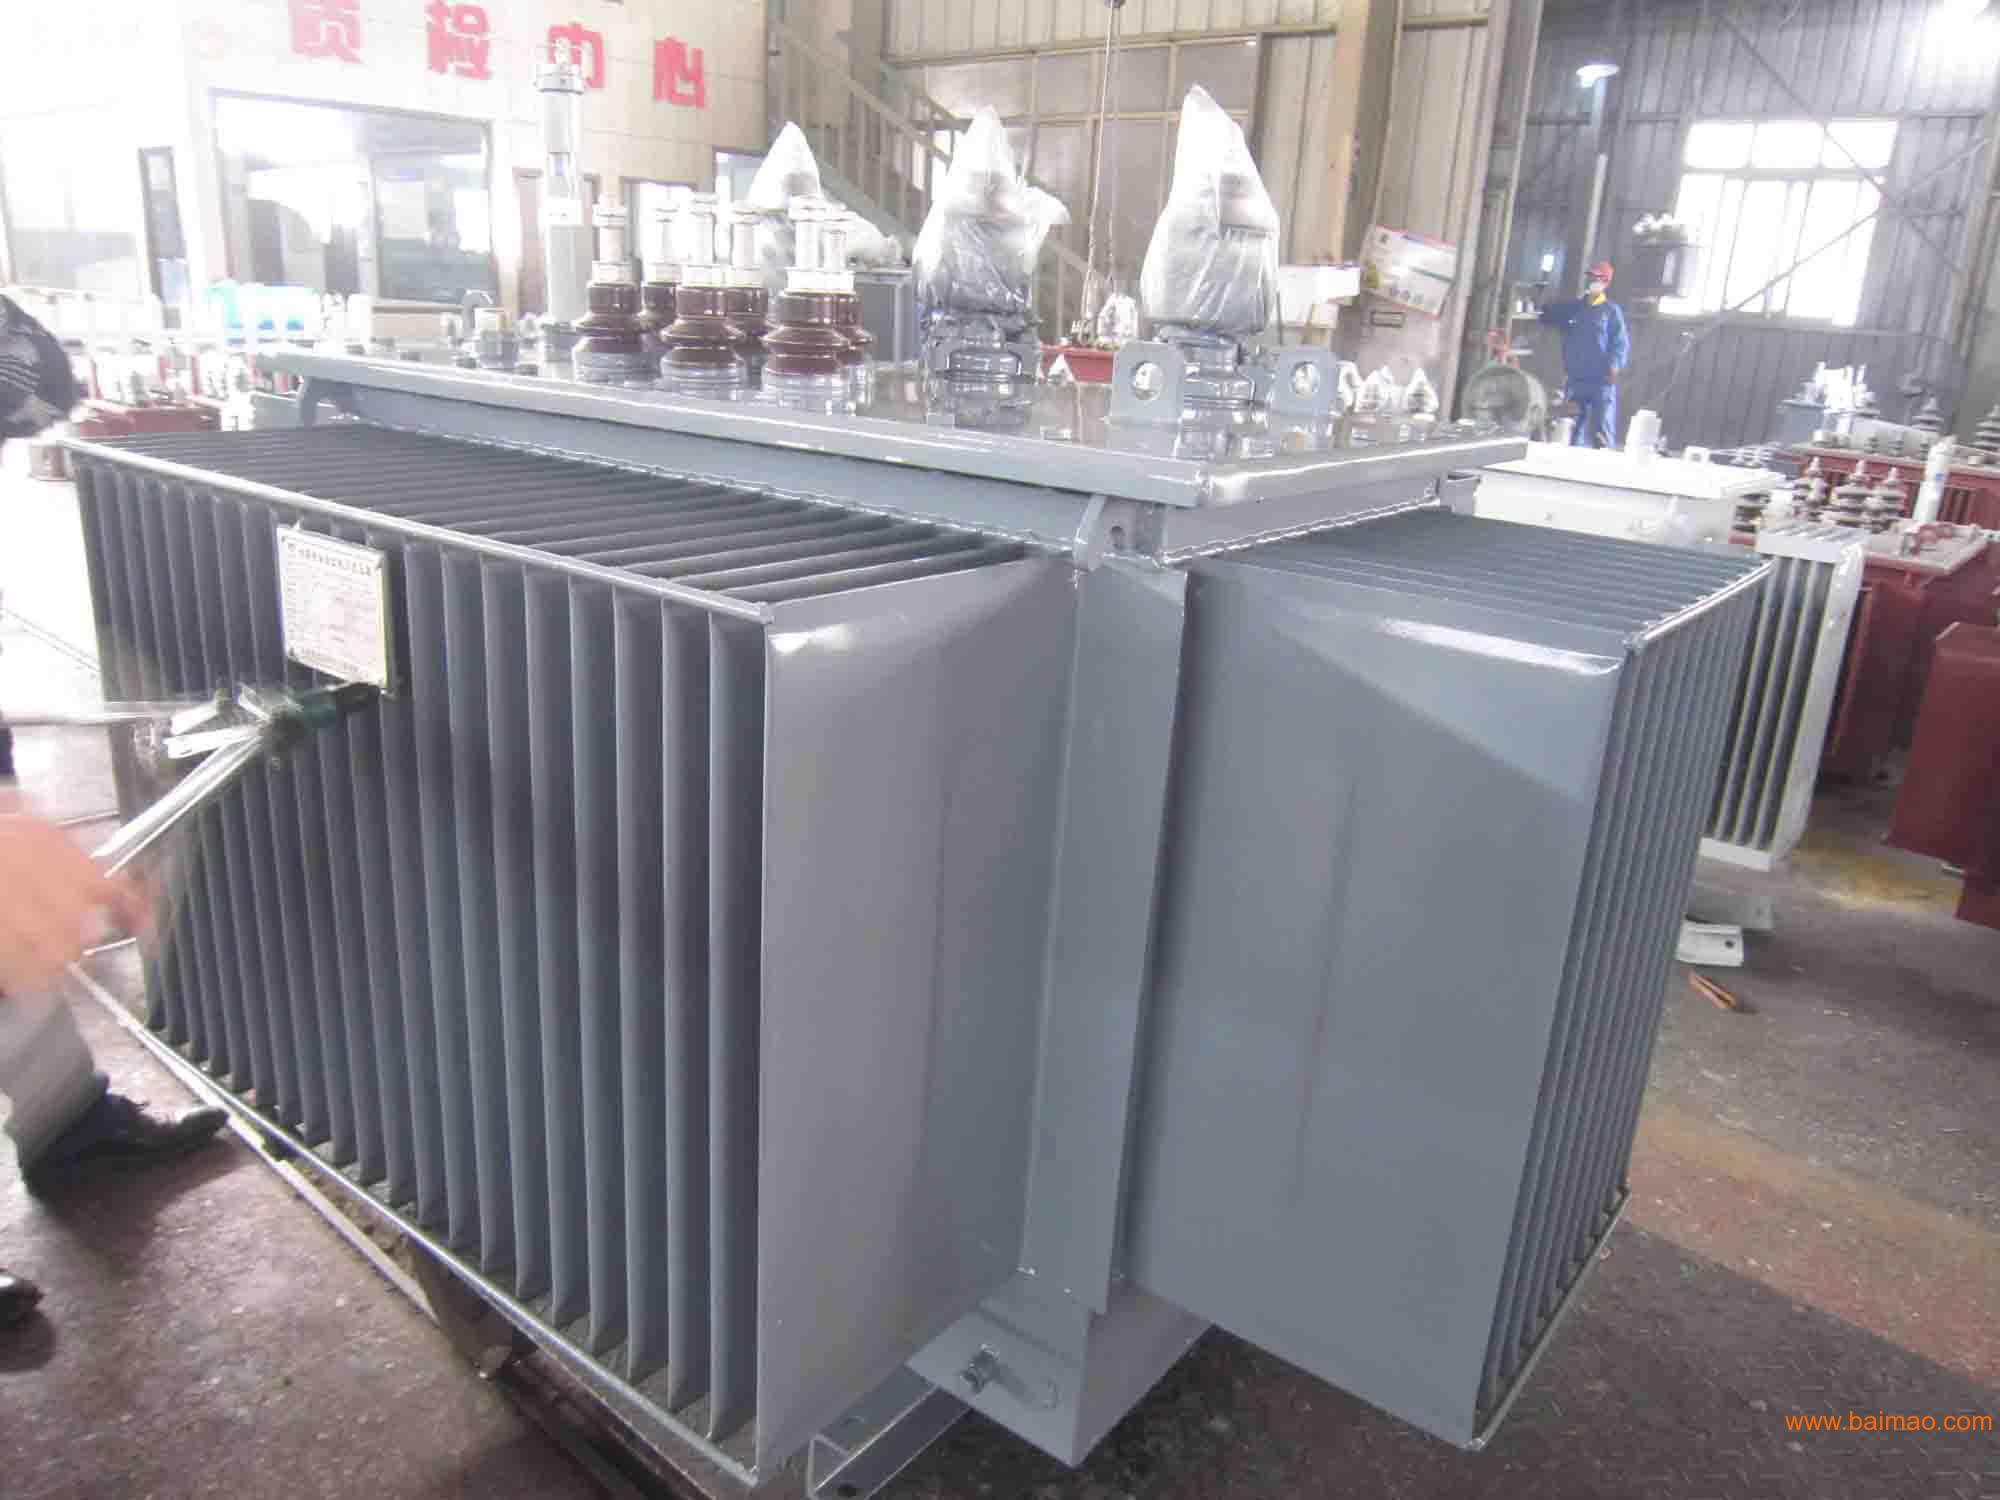 重庆电力变压器S11 200KVA10 0.4KV,重庆电力变压器S11 200KVA10 0.4KV生产厂家,重庆电力变压器S11 200KVA10 0.4KV价格